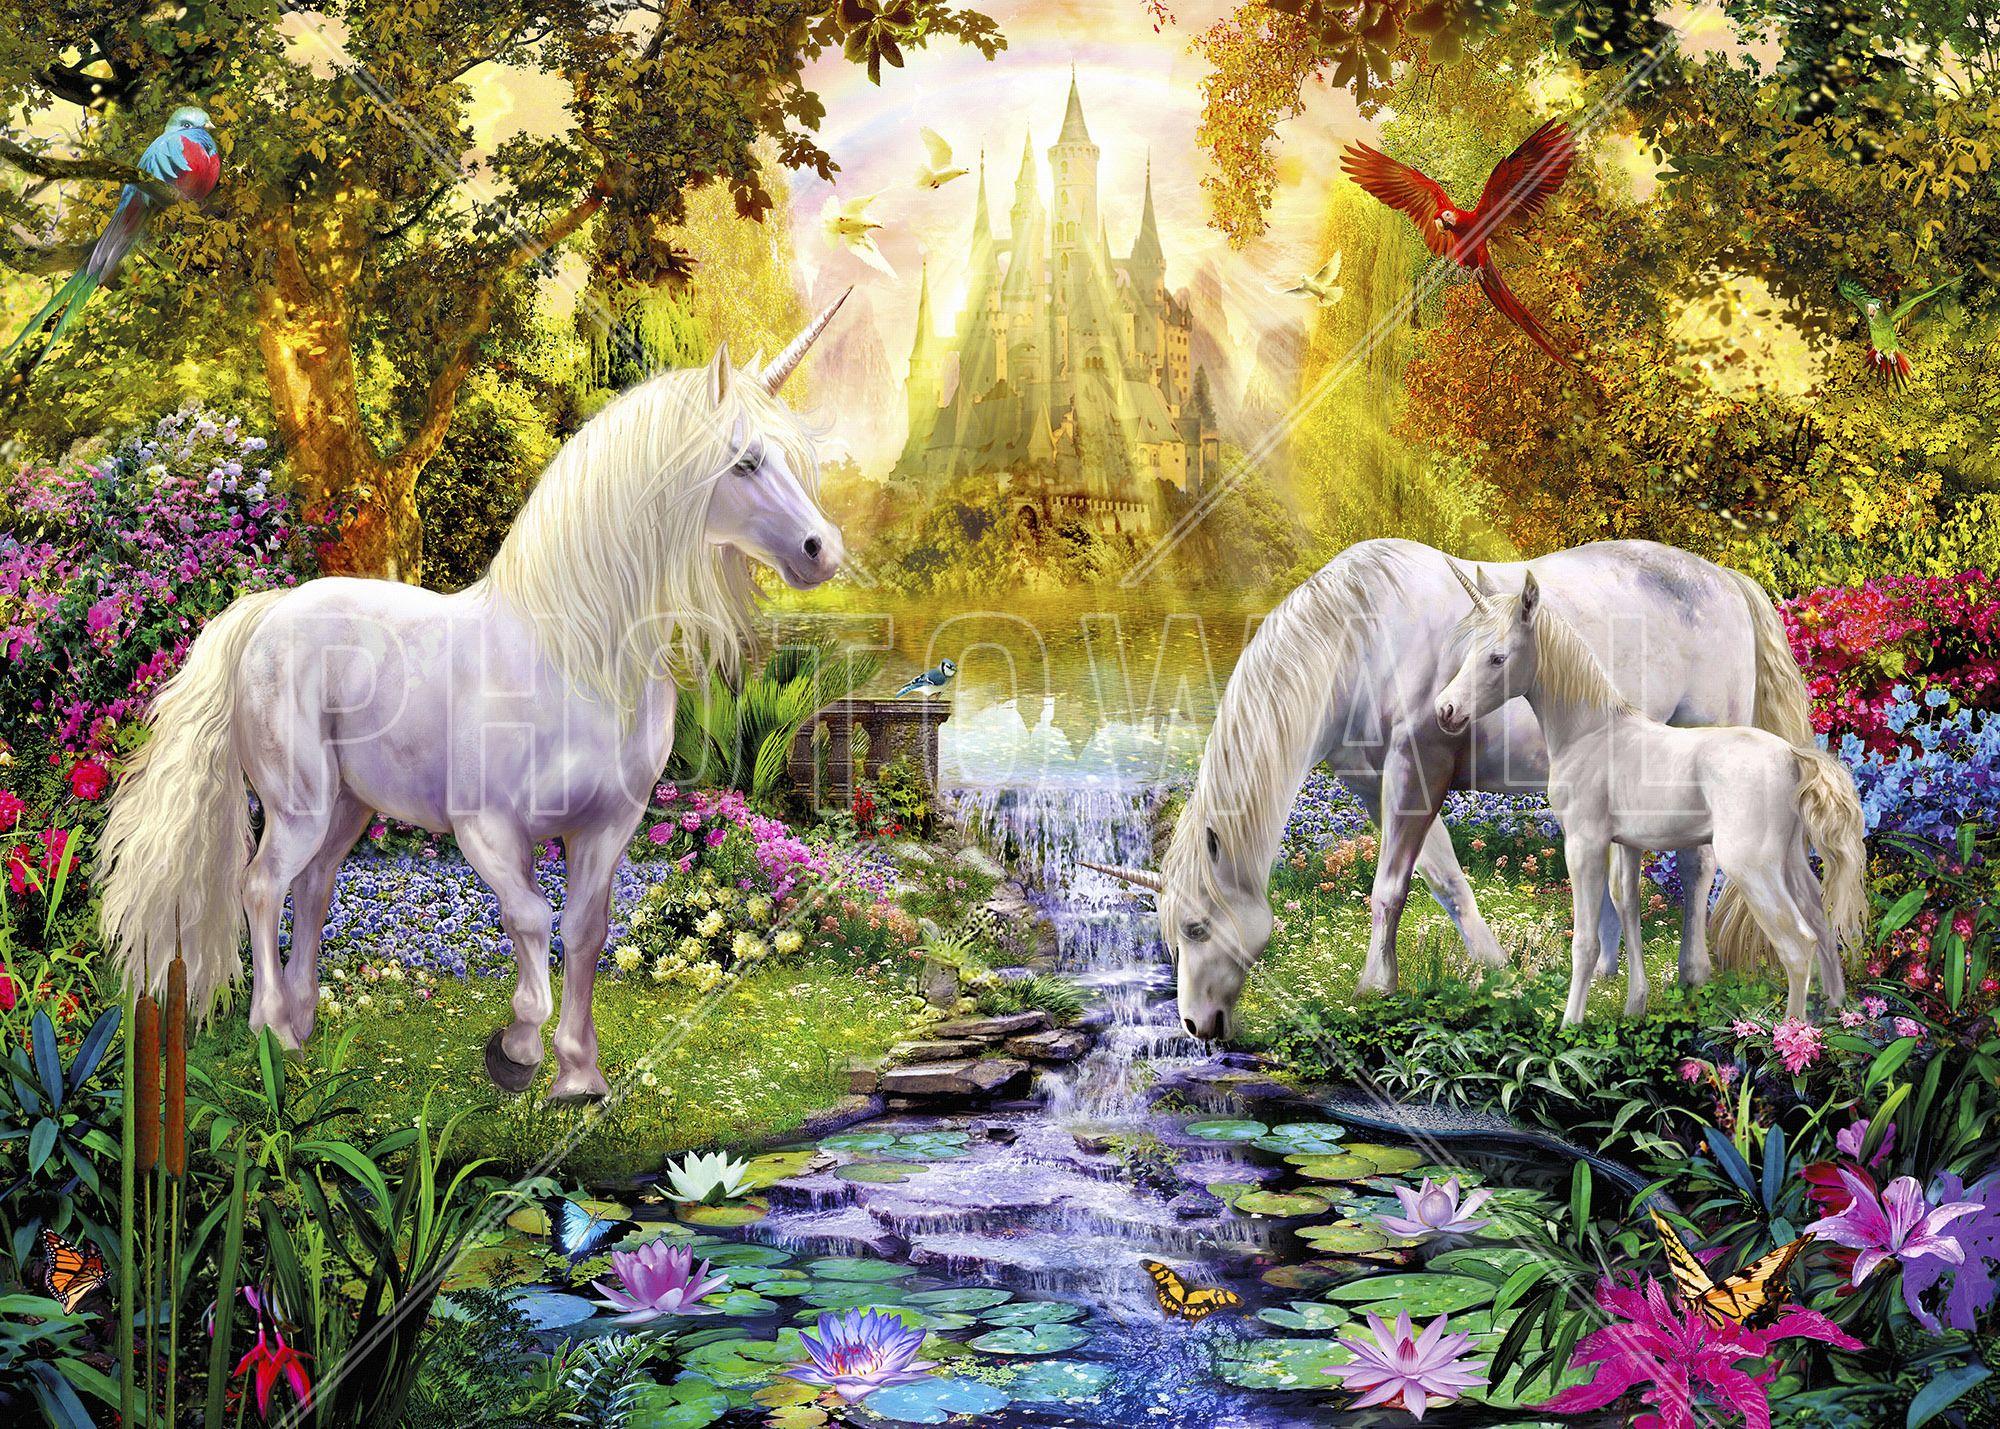 Cool Wallpaper Horse Spring - 1690b35dfc732a5346f176b88a1463de  You Should Have_854848.jpg